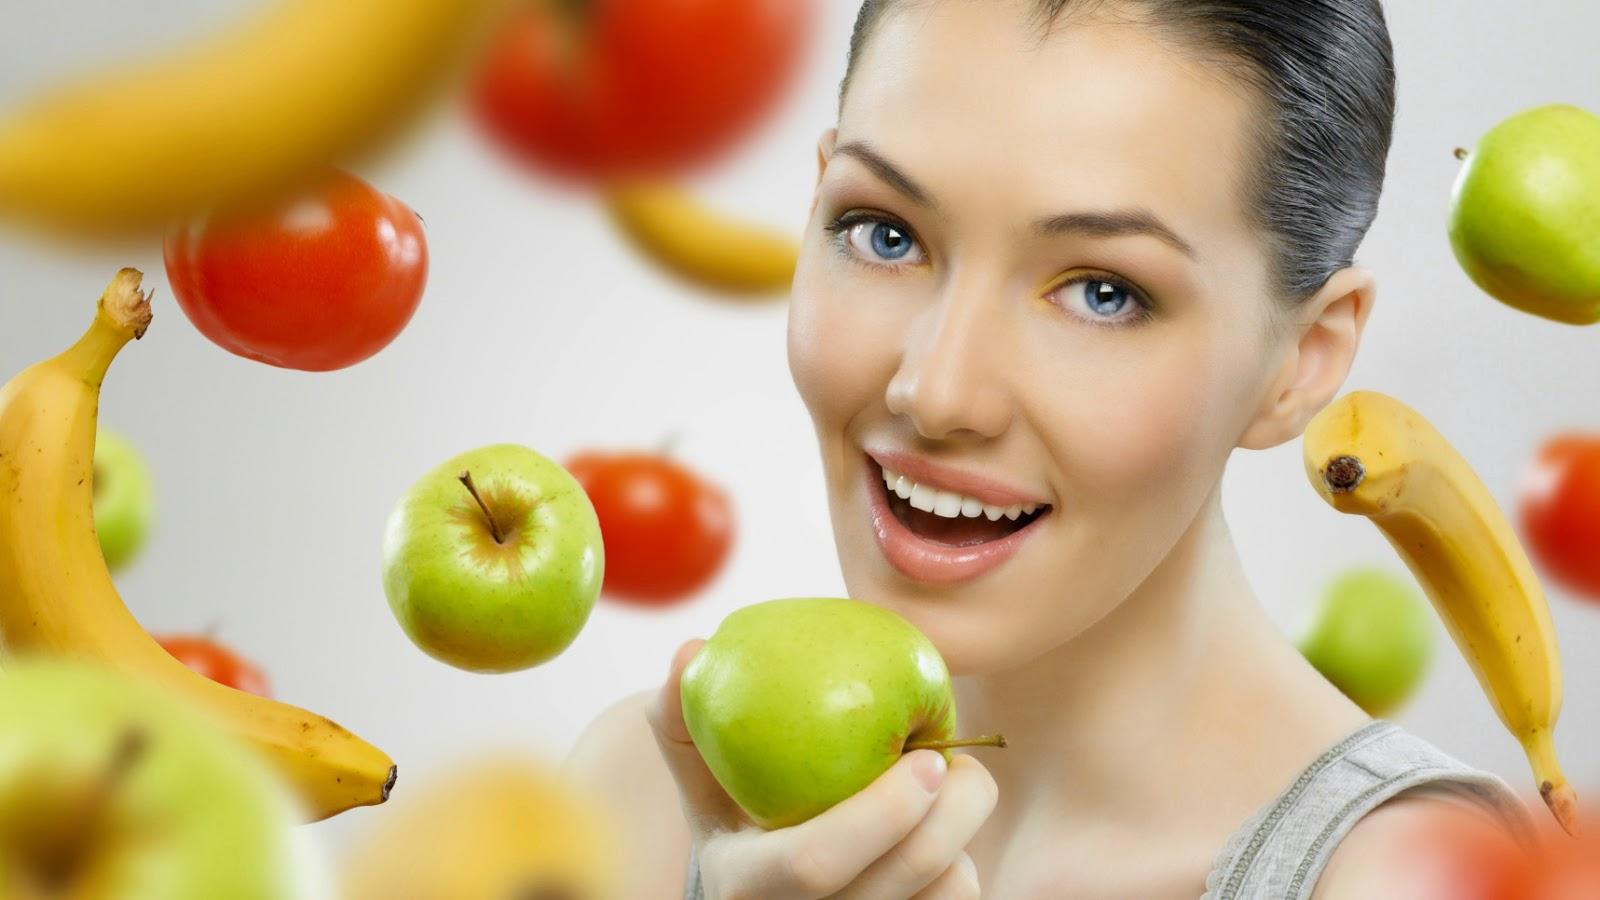 Bổ sung collagen từ những thực phẩm hằng ngày sẽ giúp trẻ hóa làn da